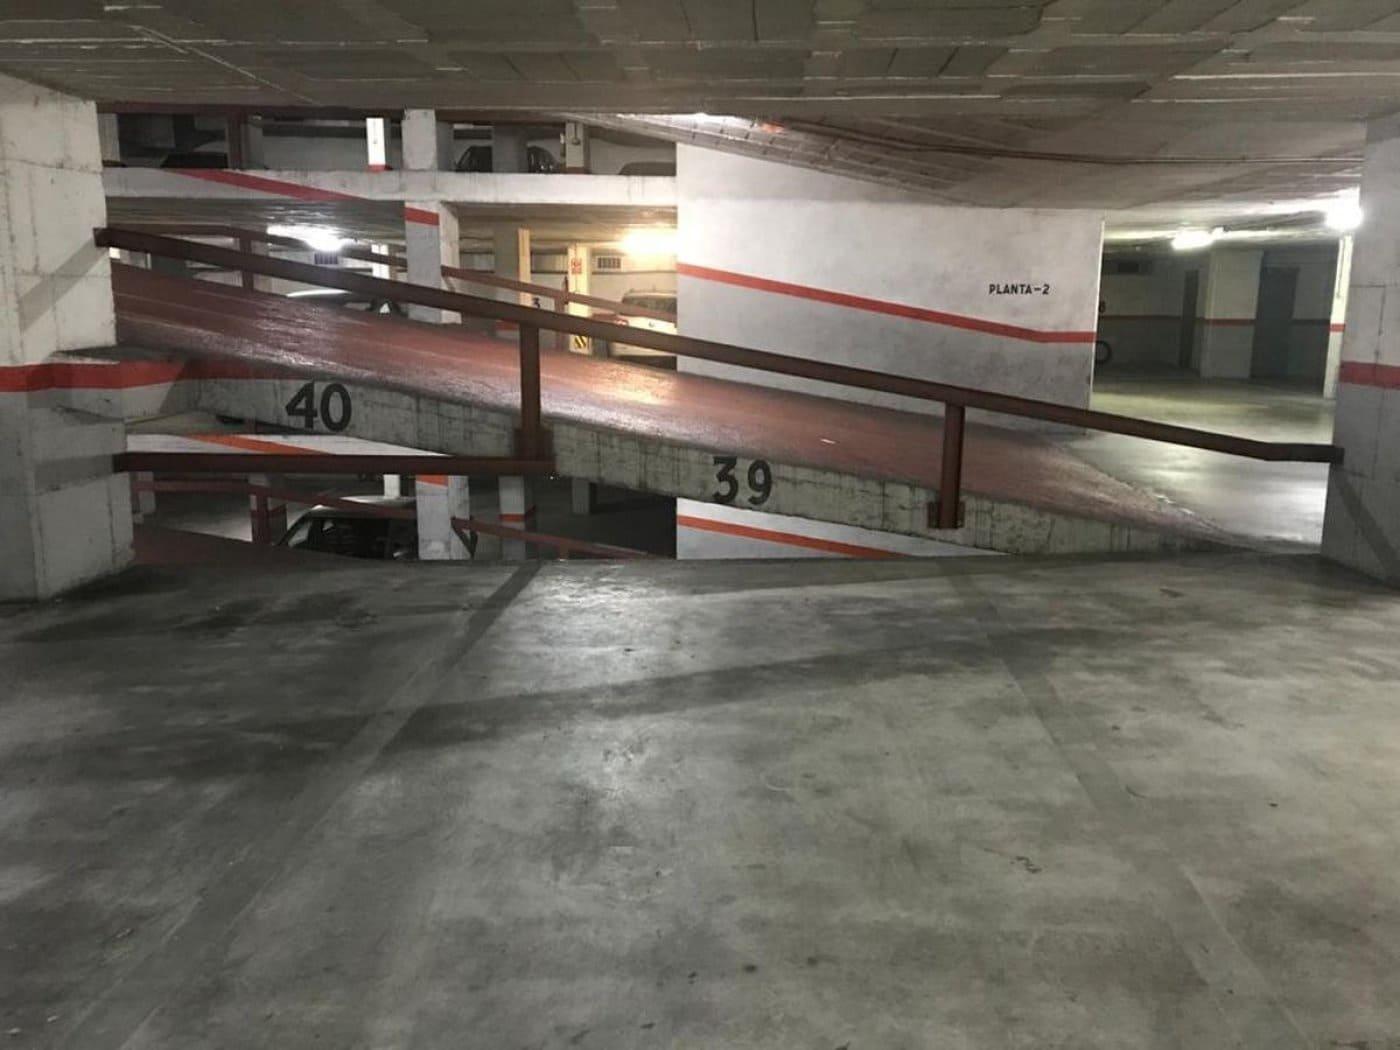 Garage à vendre à Sant Carles de la Rapita - 11 500 € (Ref: 5719244)